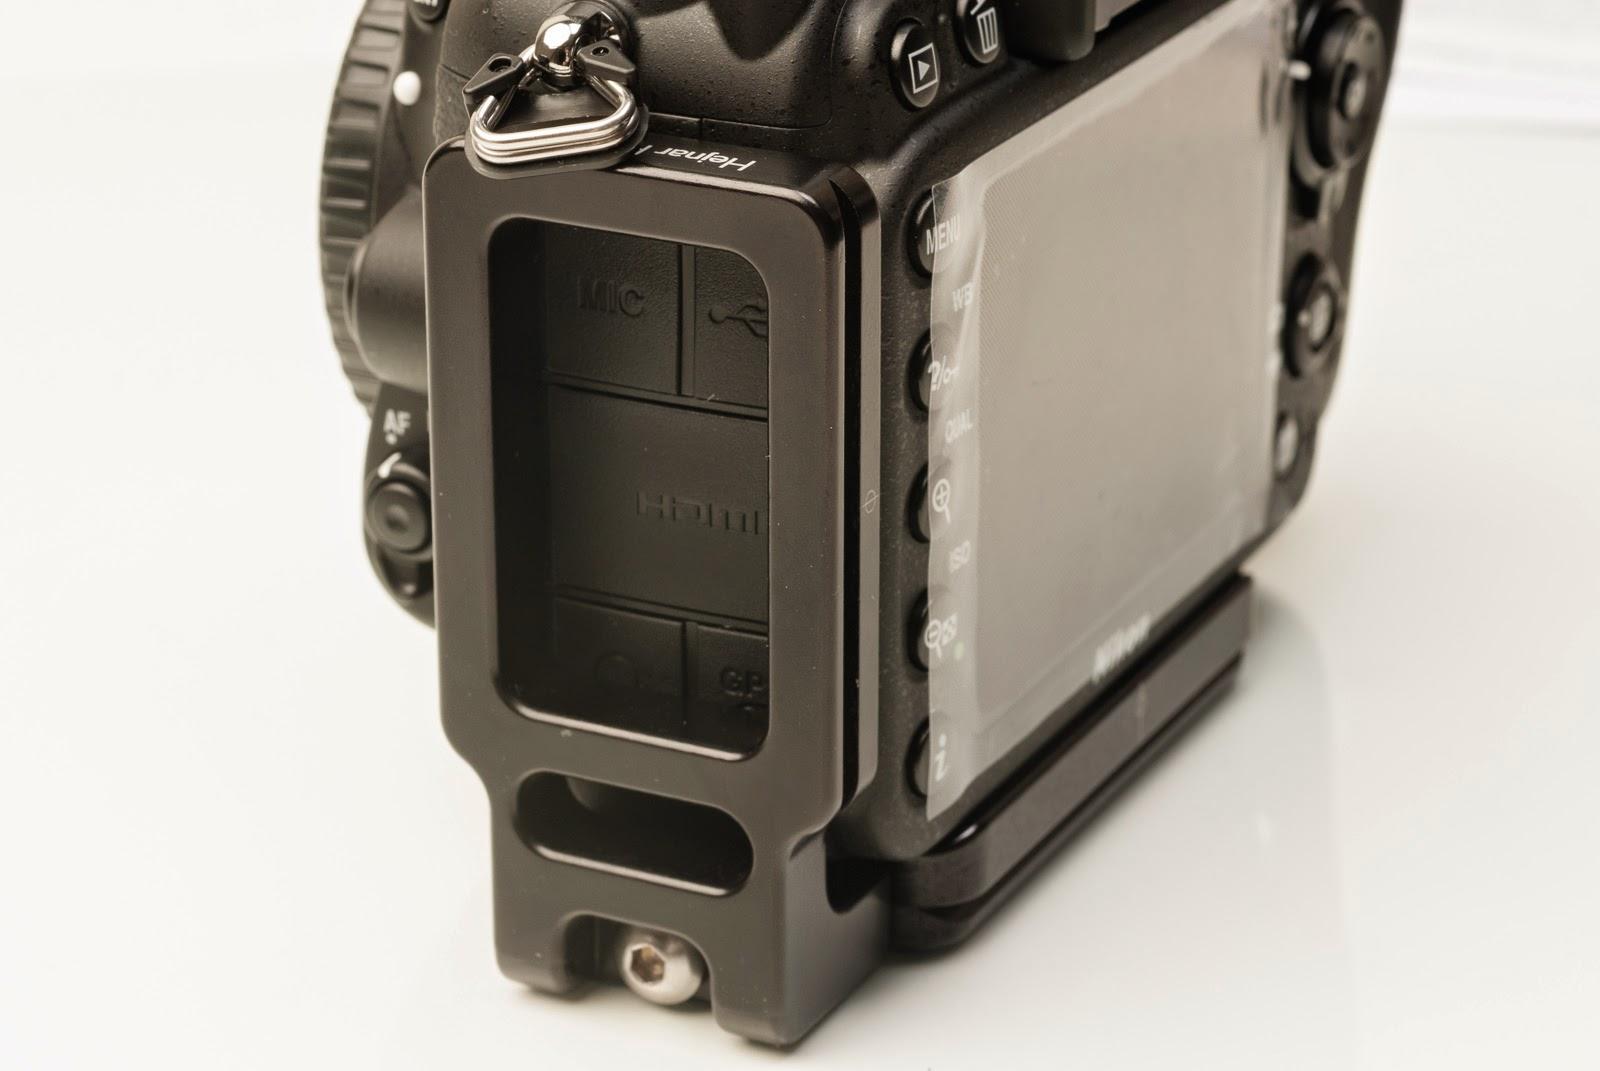 Nikon D7100 w/ ND-7100 L bracket - side